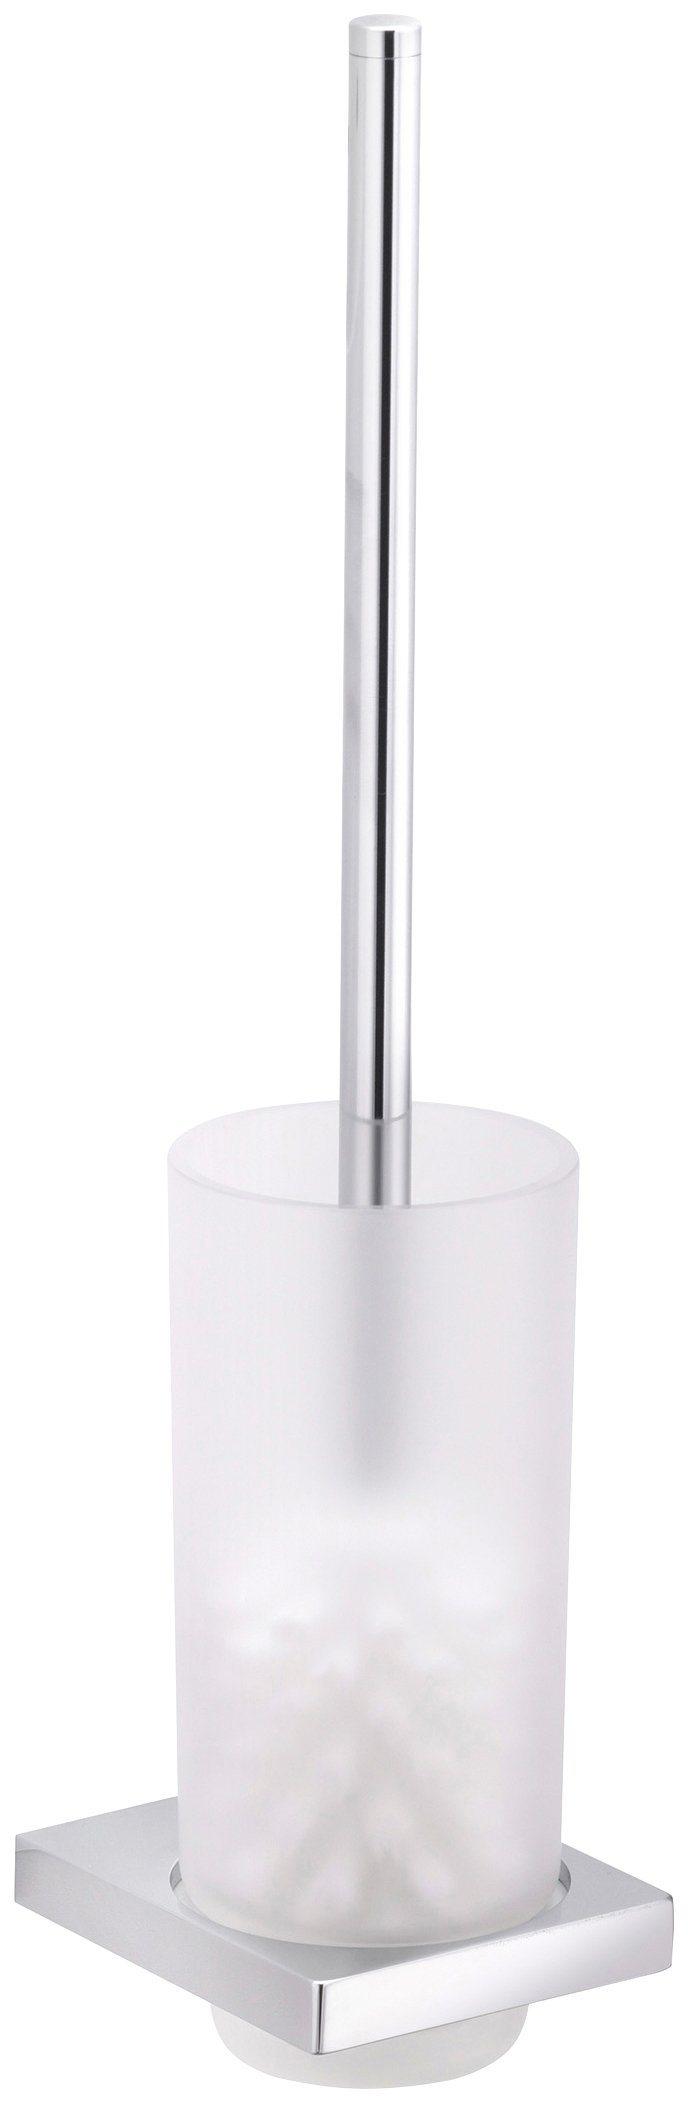 WC-Bürstengarnitur »Edition 11«, Echtkristall-Glas mattiert, verchromt